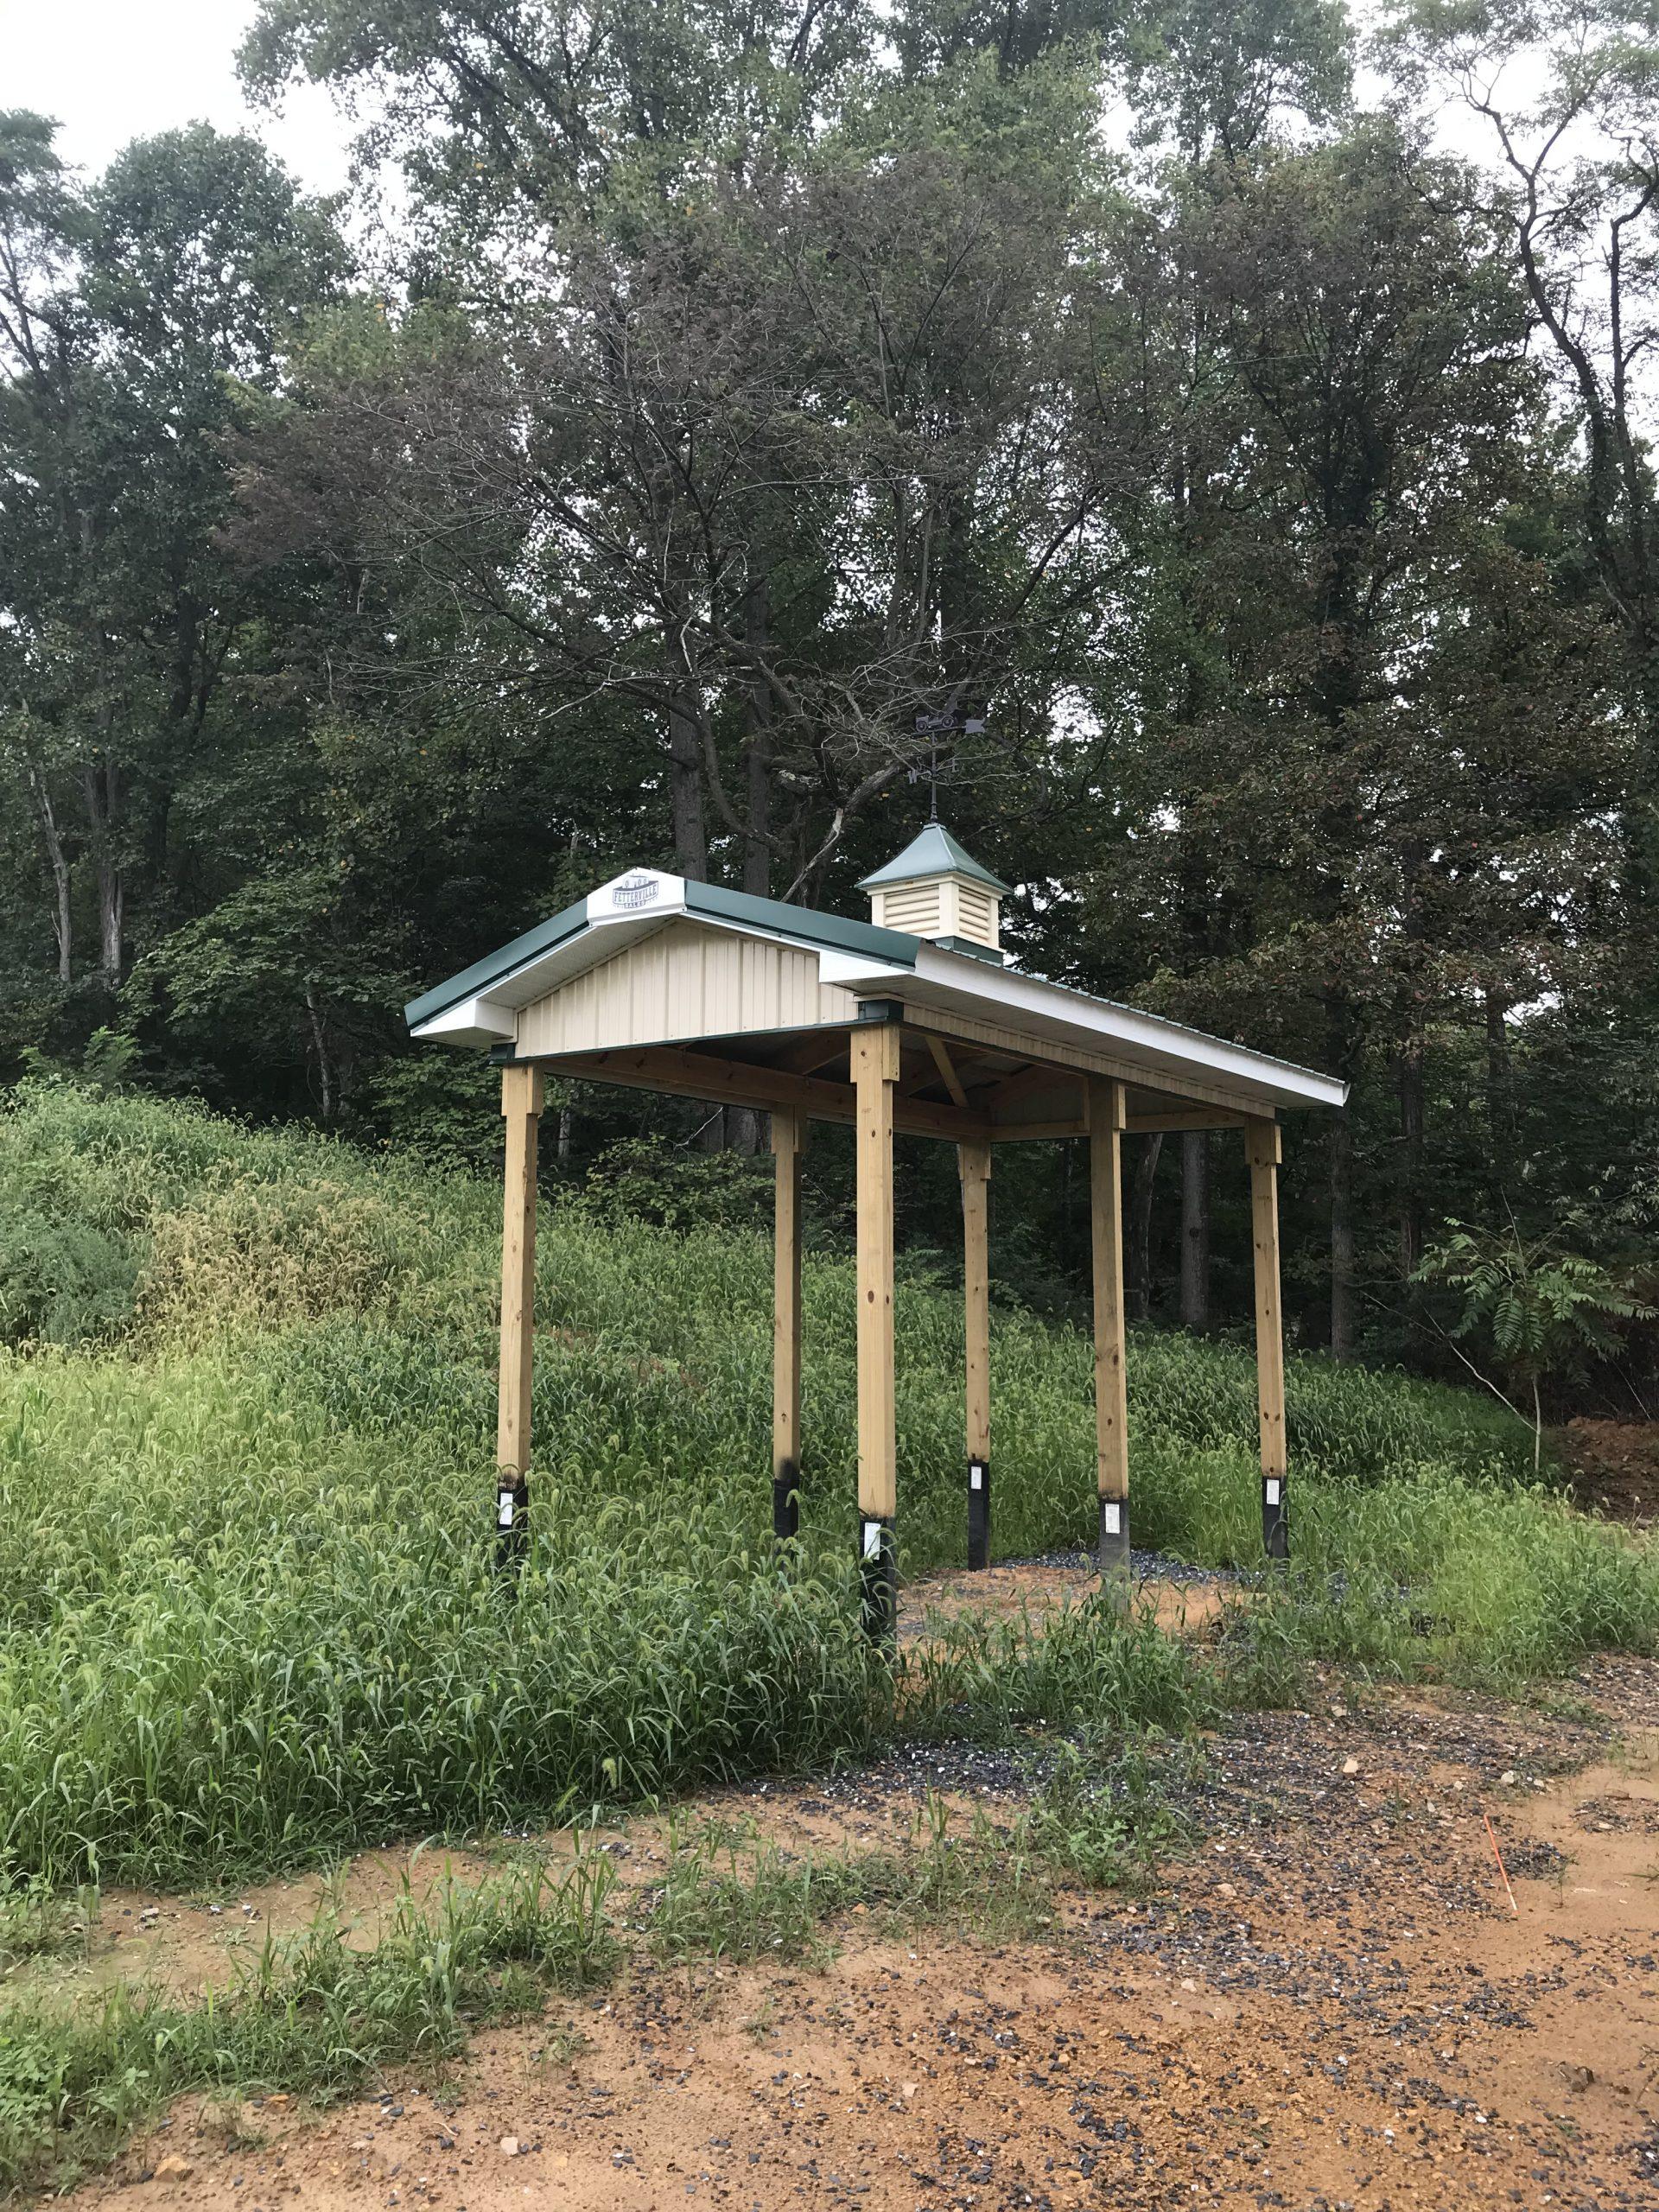 new metal overhang and cupola